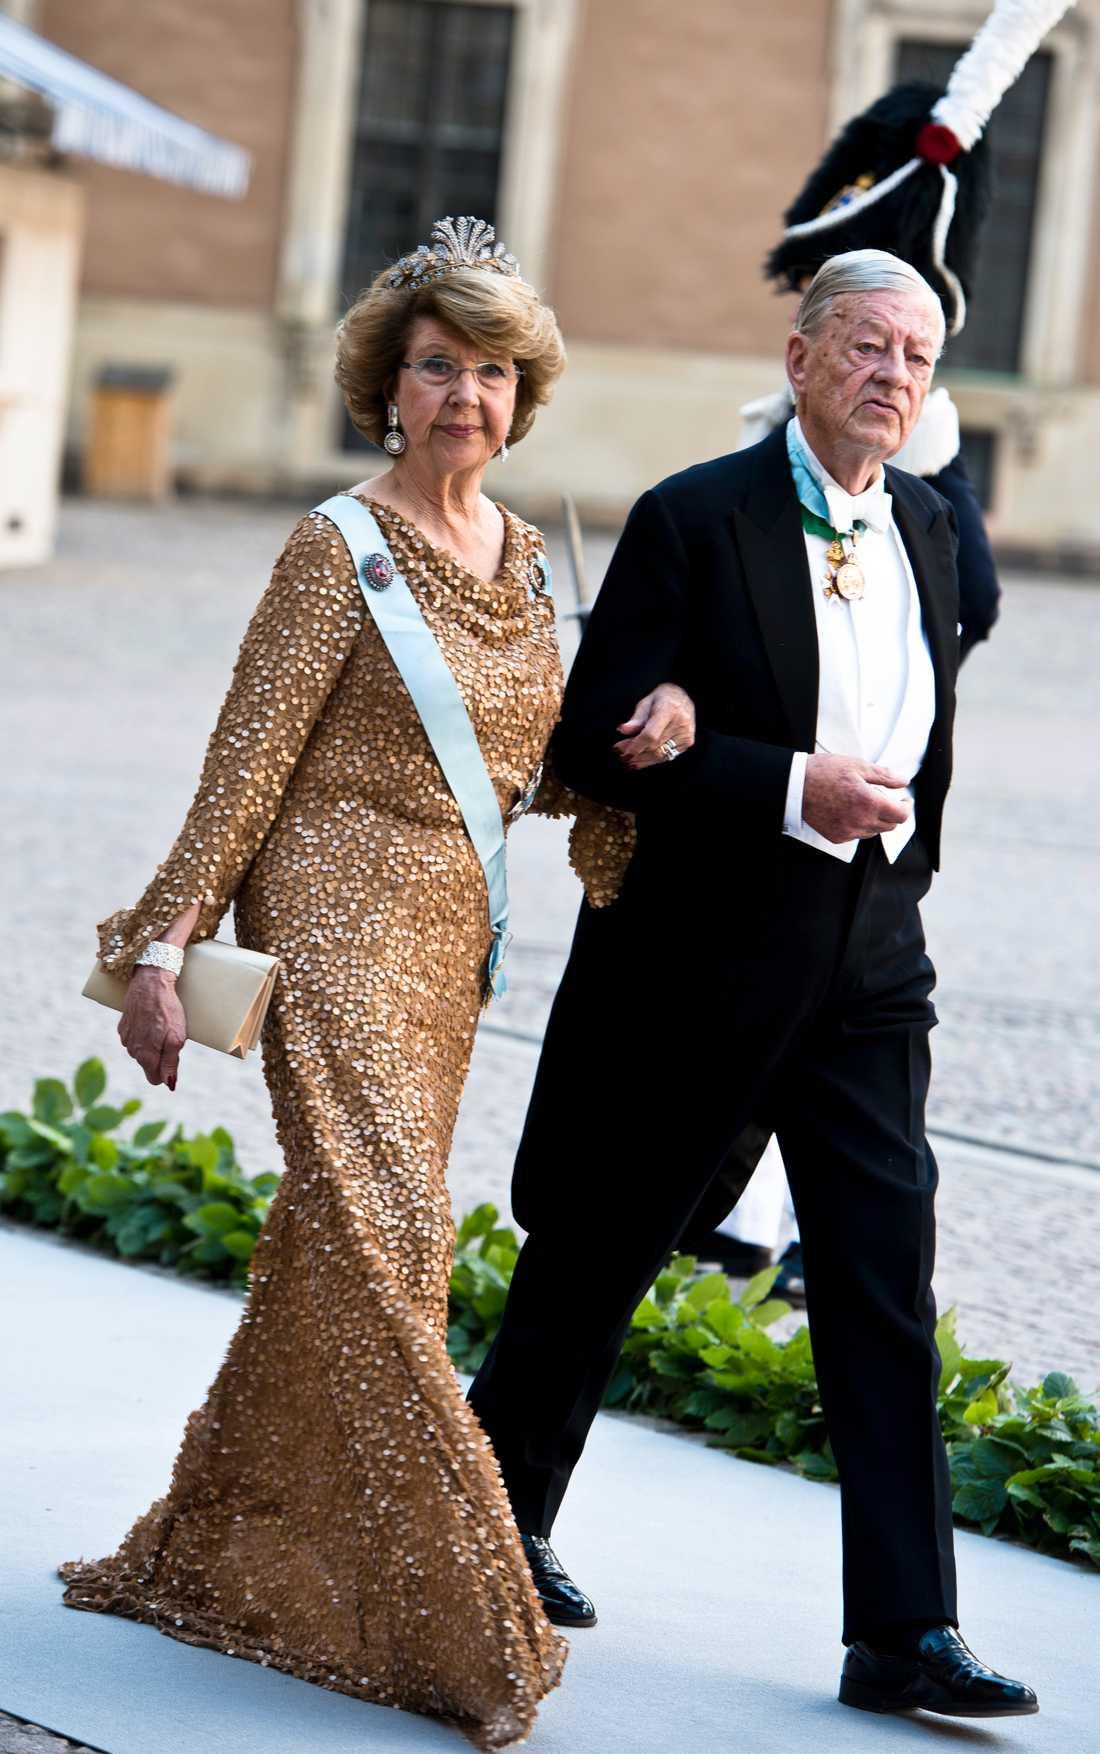 Bröllopet mellan prinsessan Madeleine och Chris O'Neill.  Prinsessan Desirée och make Niclas Silfverschiöld.